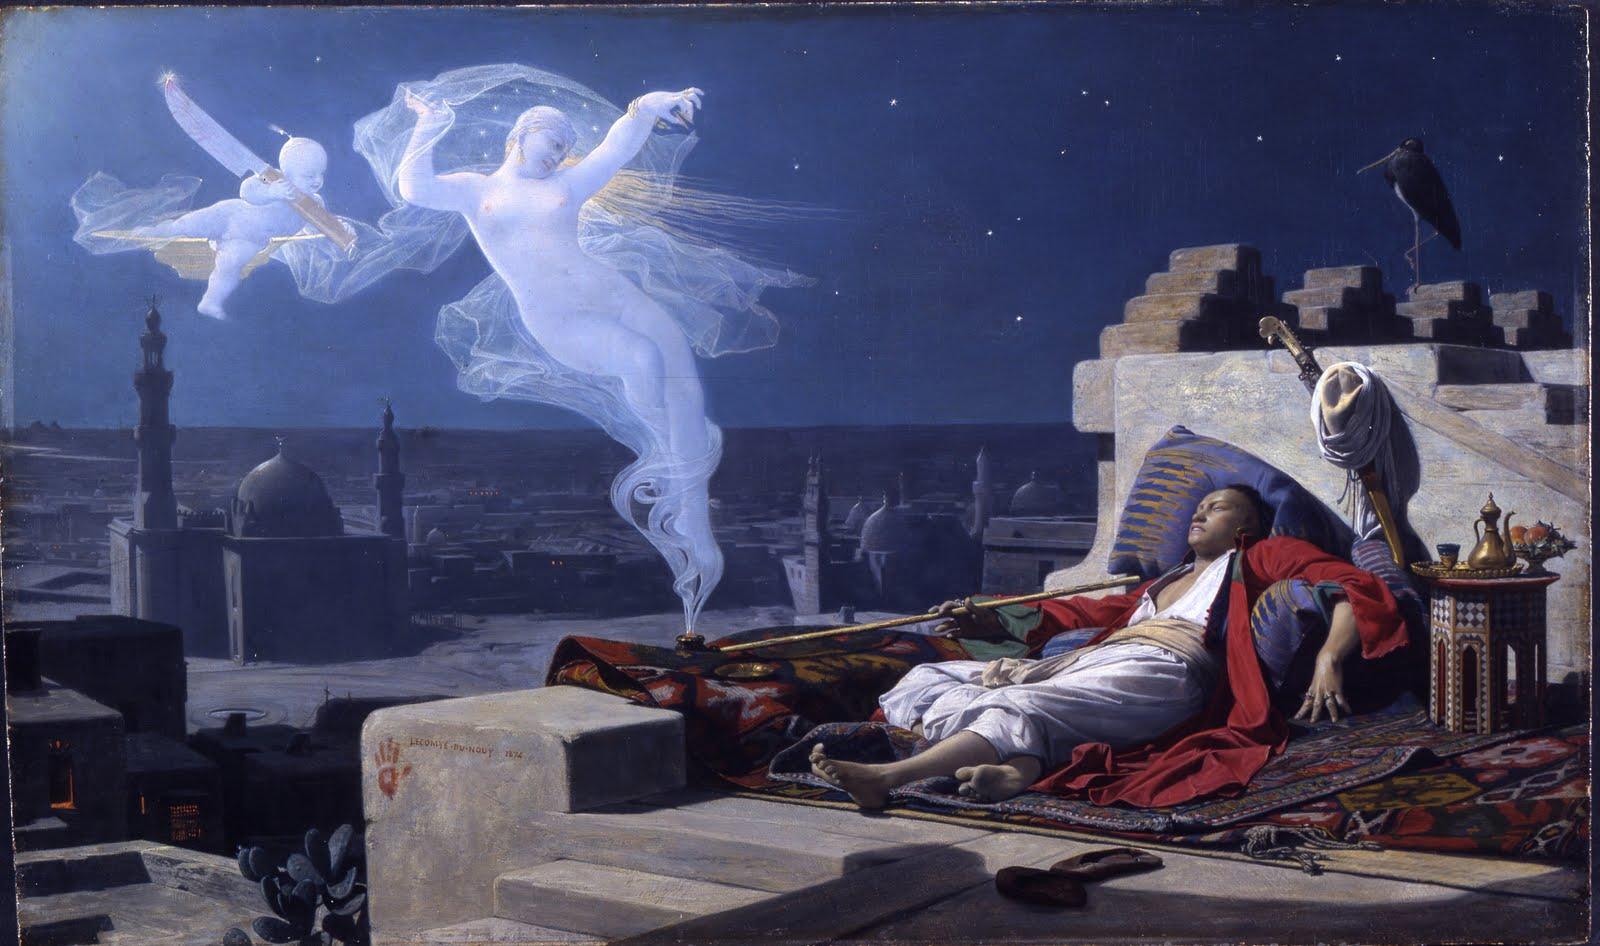 Jean-Jules-Antoine Lecomte du Nouy -A Eunuch's Dream, 1874